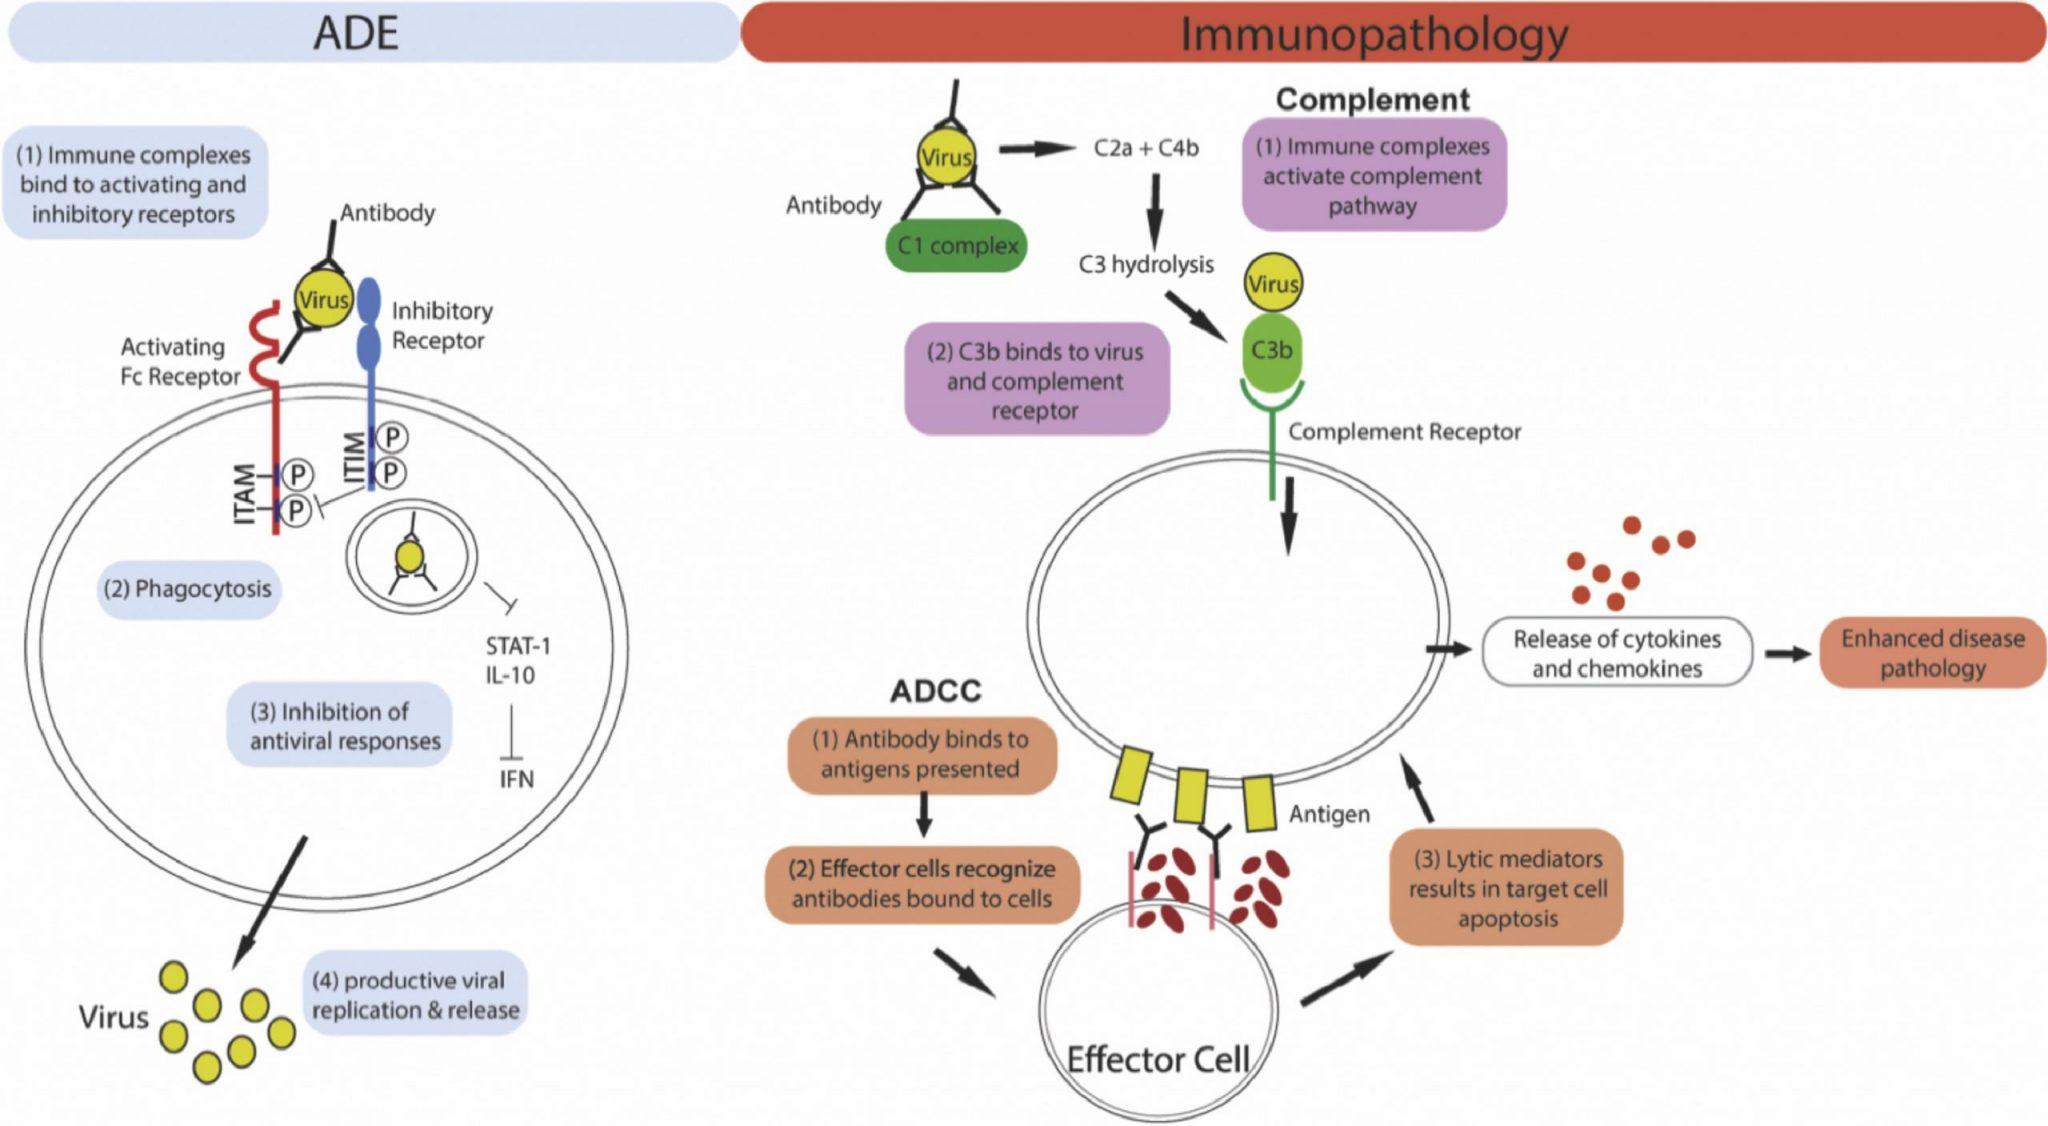 Рисунок 1: Механизм иммунопатологии, опосредованной ADE и антителами. Левая панель: для ADE интернализация иммунных комплексов опосредуется вовлечением активирующих рецепторов Fc на поверхности клетки. Совместное лигирование ингибирующих рецепторов затем приводит к ингибированию противовирусных ответов, что приводит к усилению репликации вируса. Правая панель: антитела могут вызывать иммунопатологию, активируя путь комплемента или антителозависимую клеточную цитотоксичность (ADCC). Для обоих путей чрезмерная активация иммунной системы приводит к высвобождению цитокинов и хемокинов, что приводит к усилению патологии заболевания.